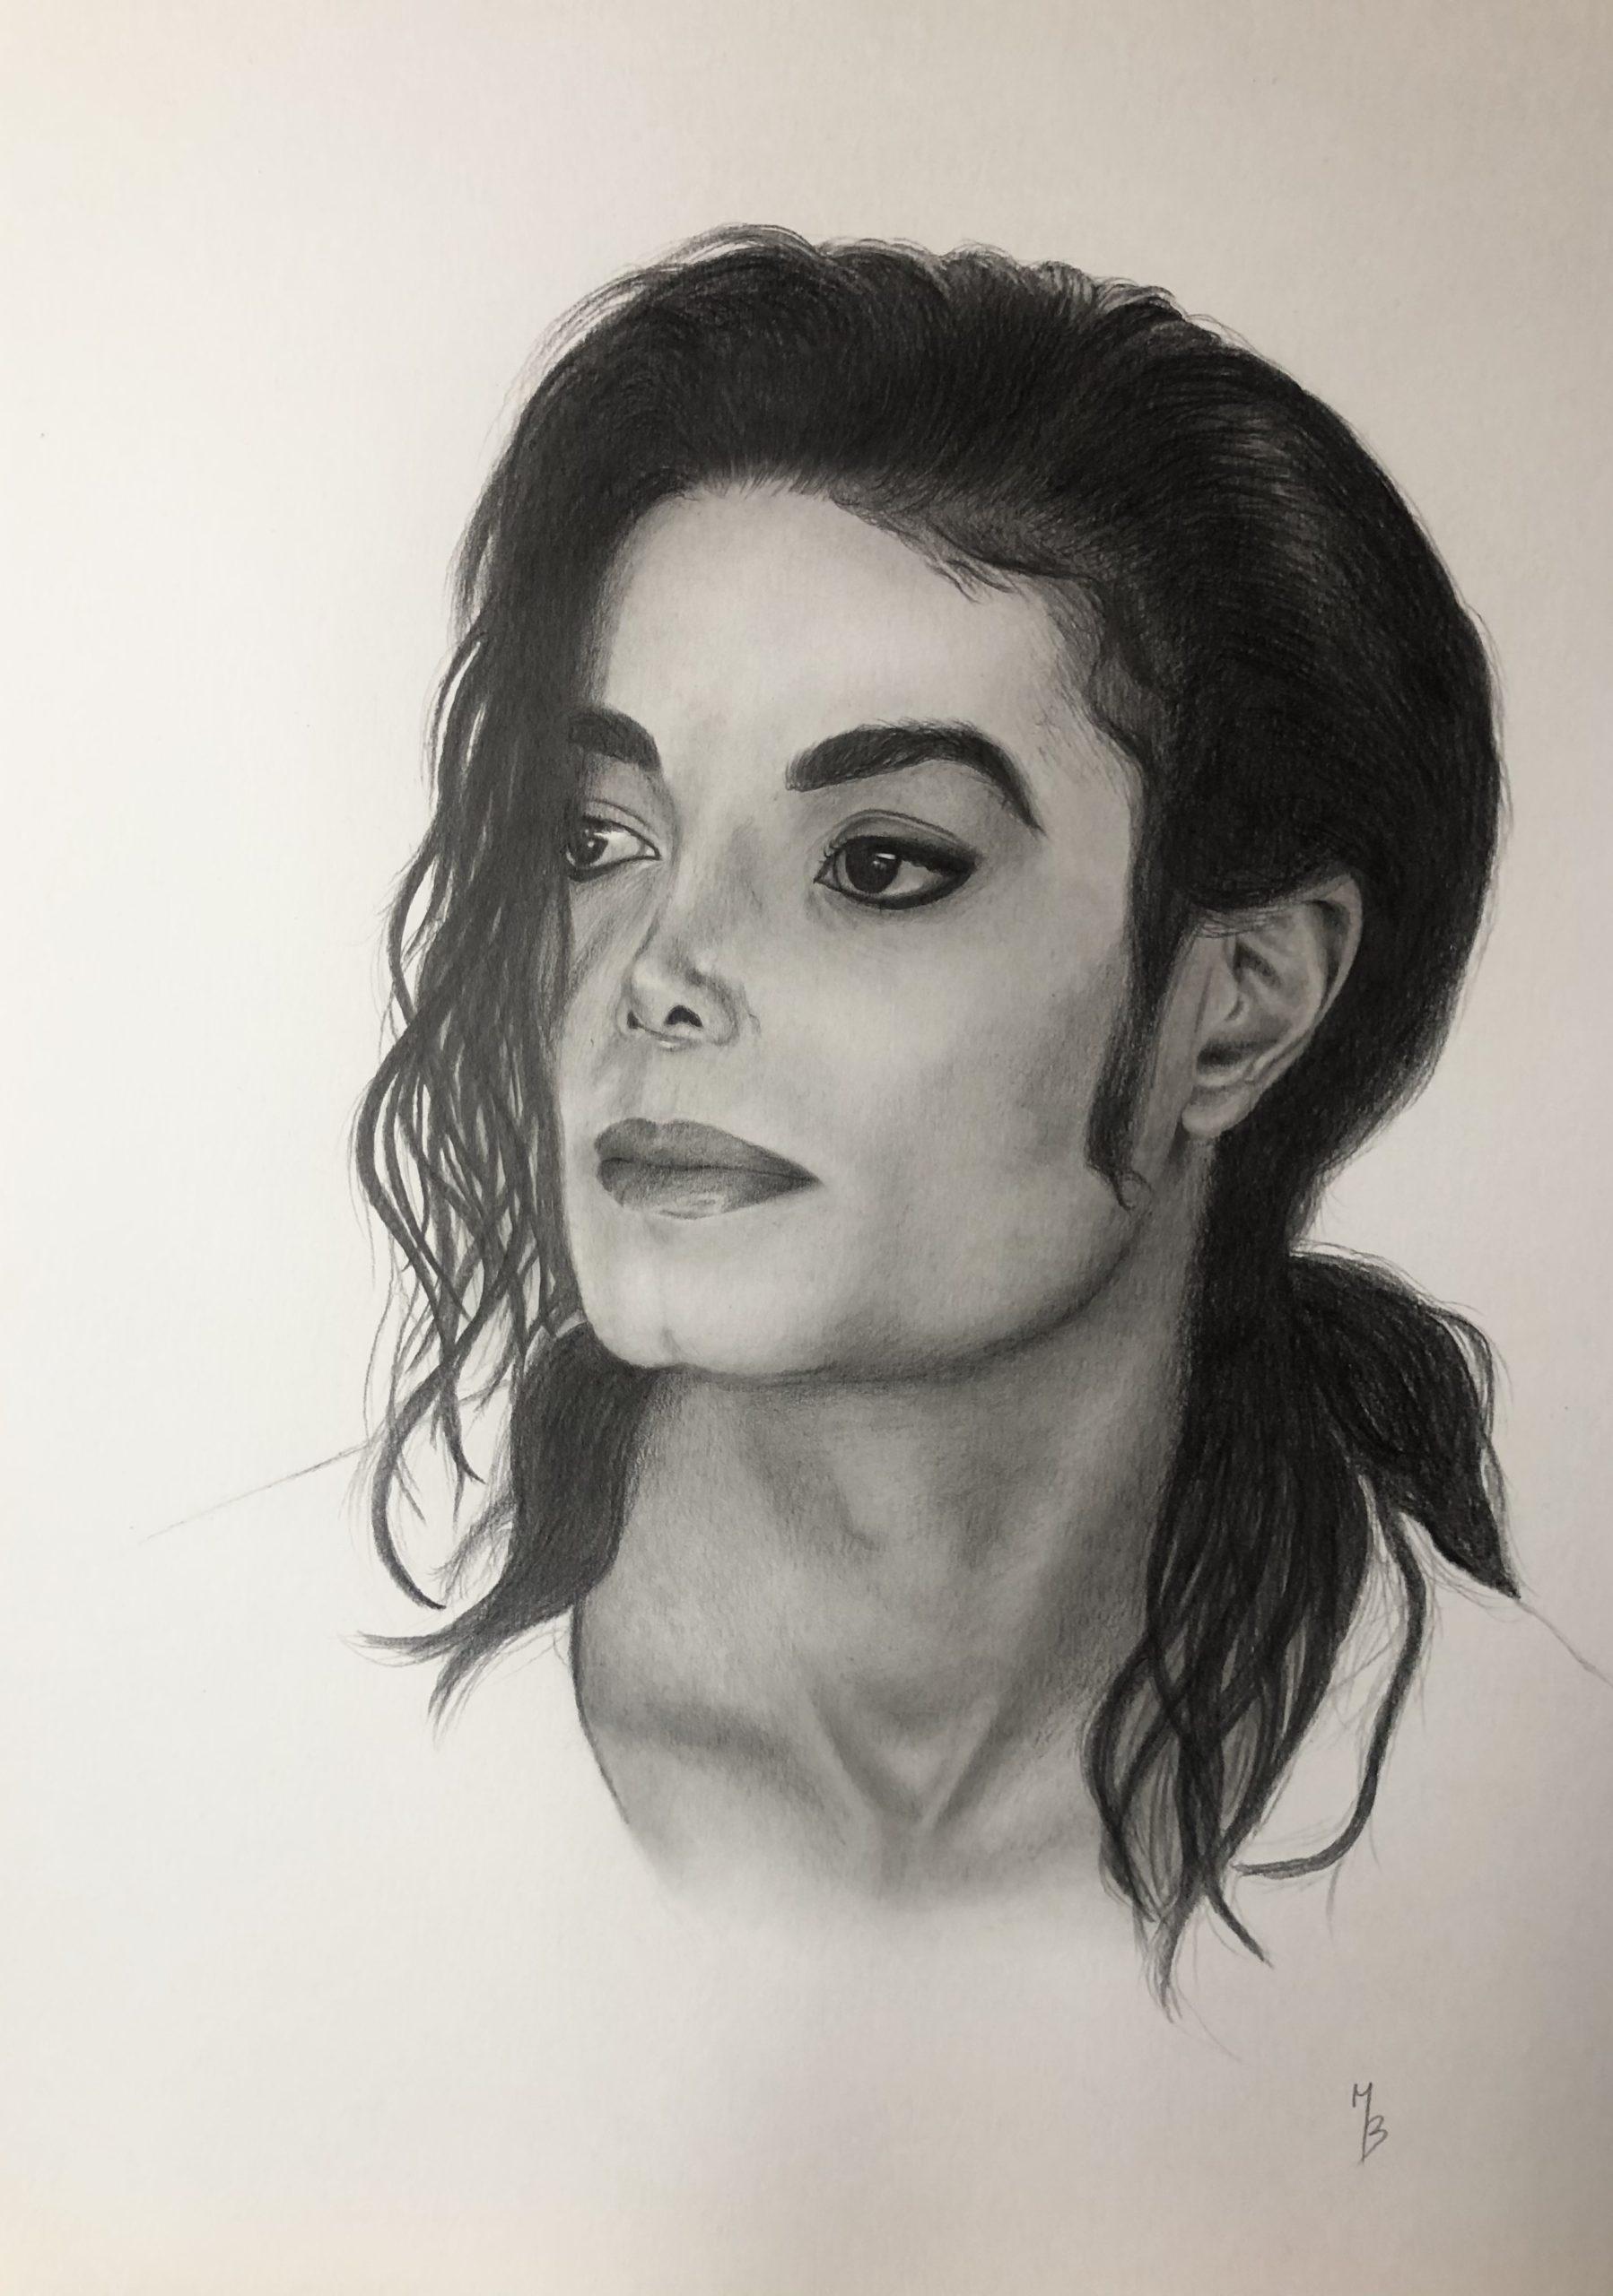 Portrét Michaela Jacksona